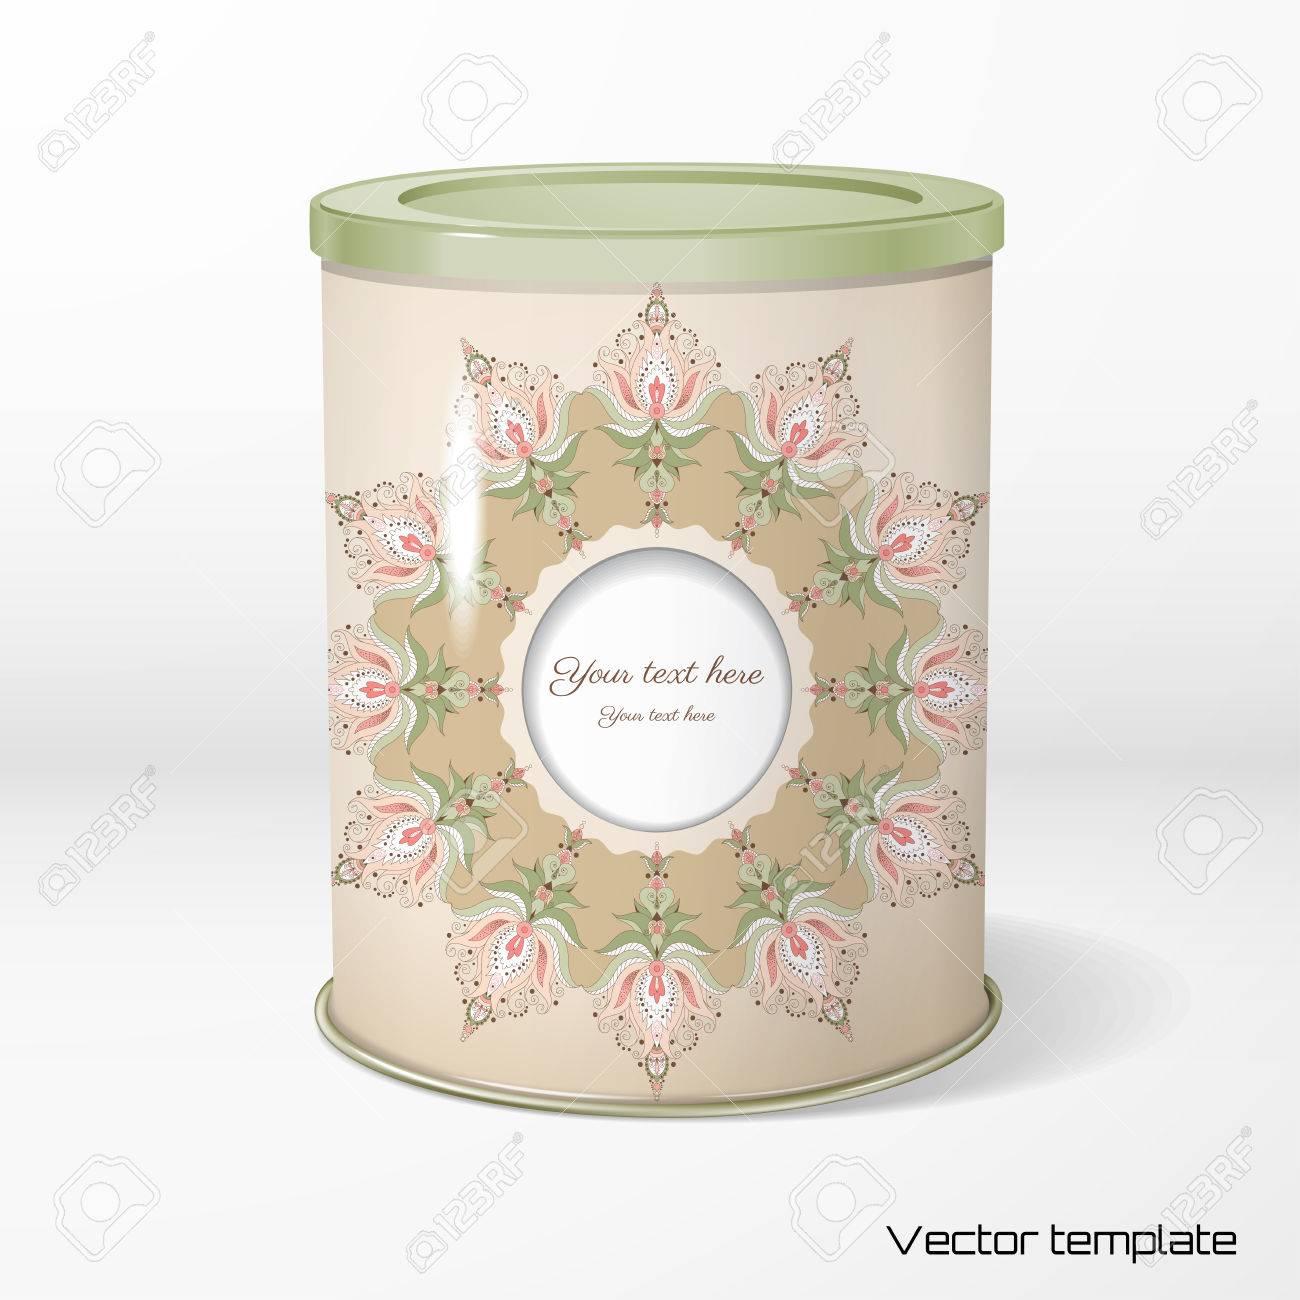 c22506ecb Embalaje de estaño redondo. Té, café, productos secos. Patrón floral vintage .